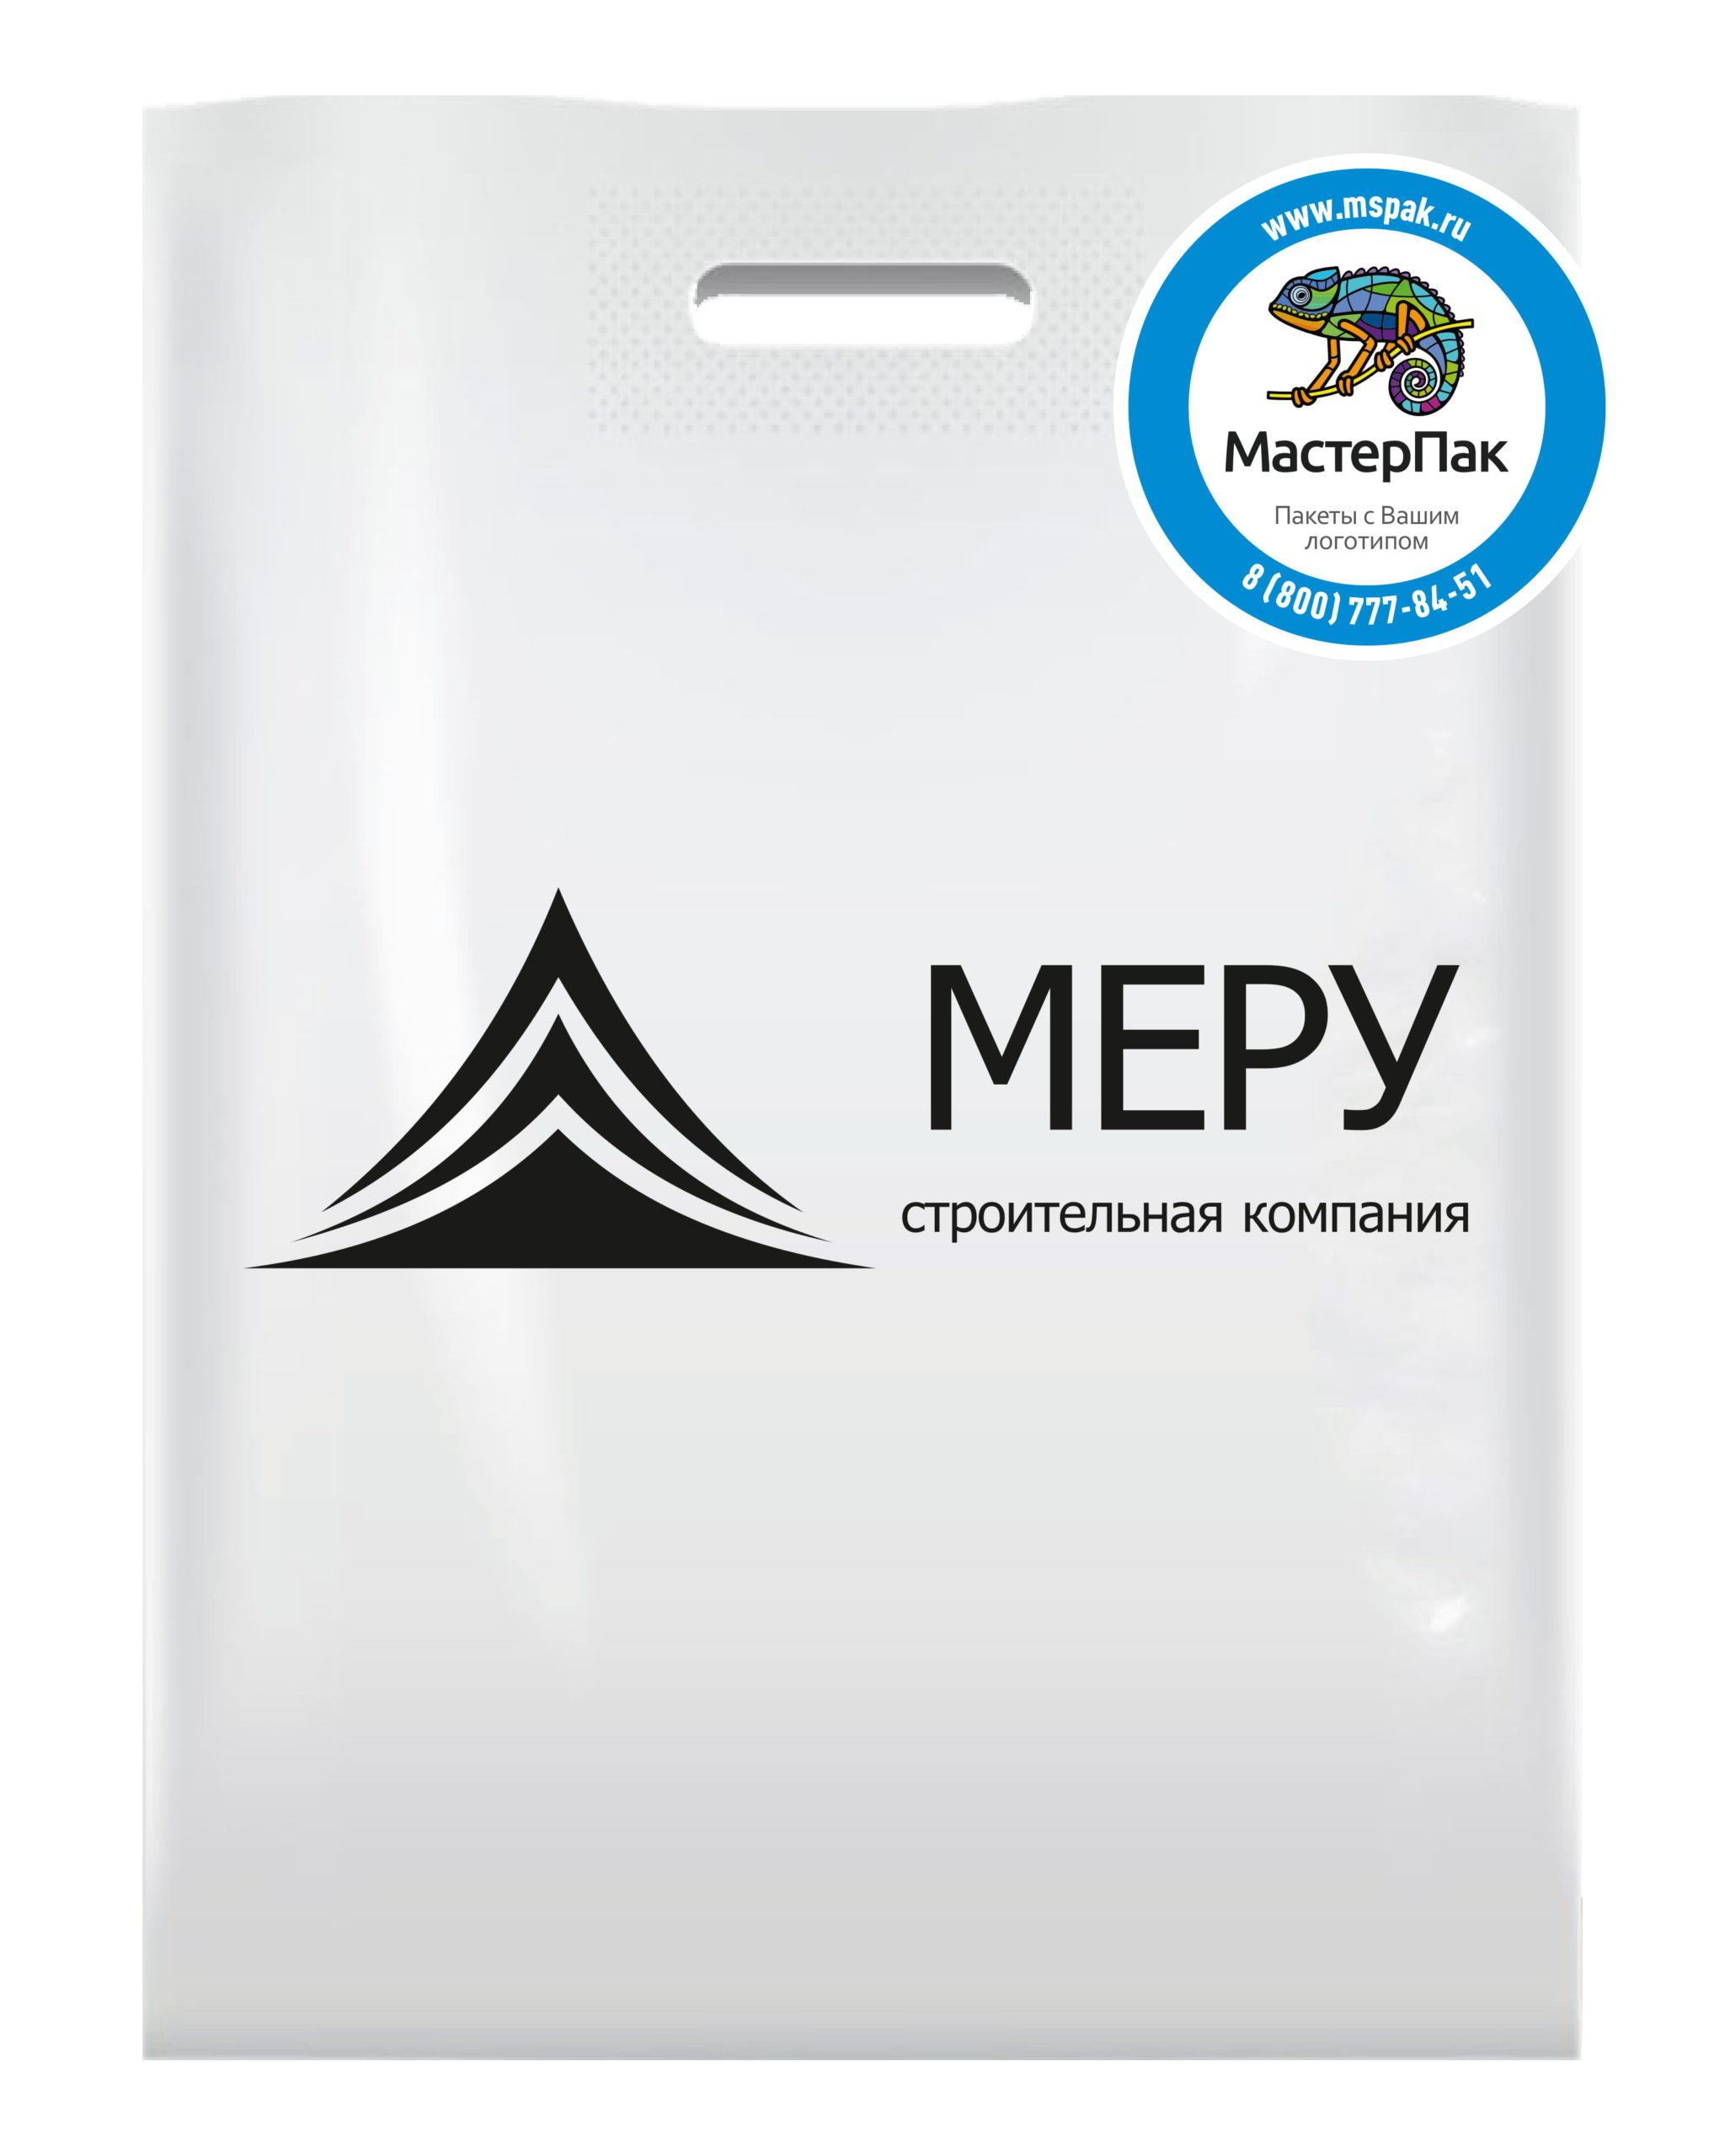 Пакет ПВД с вырубной ручкой и логотипом МЕРУ, Москва, 70 мкм